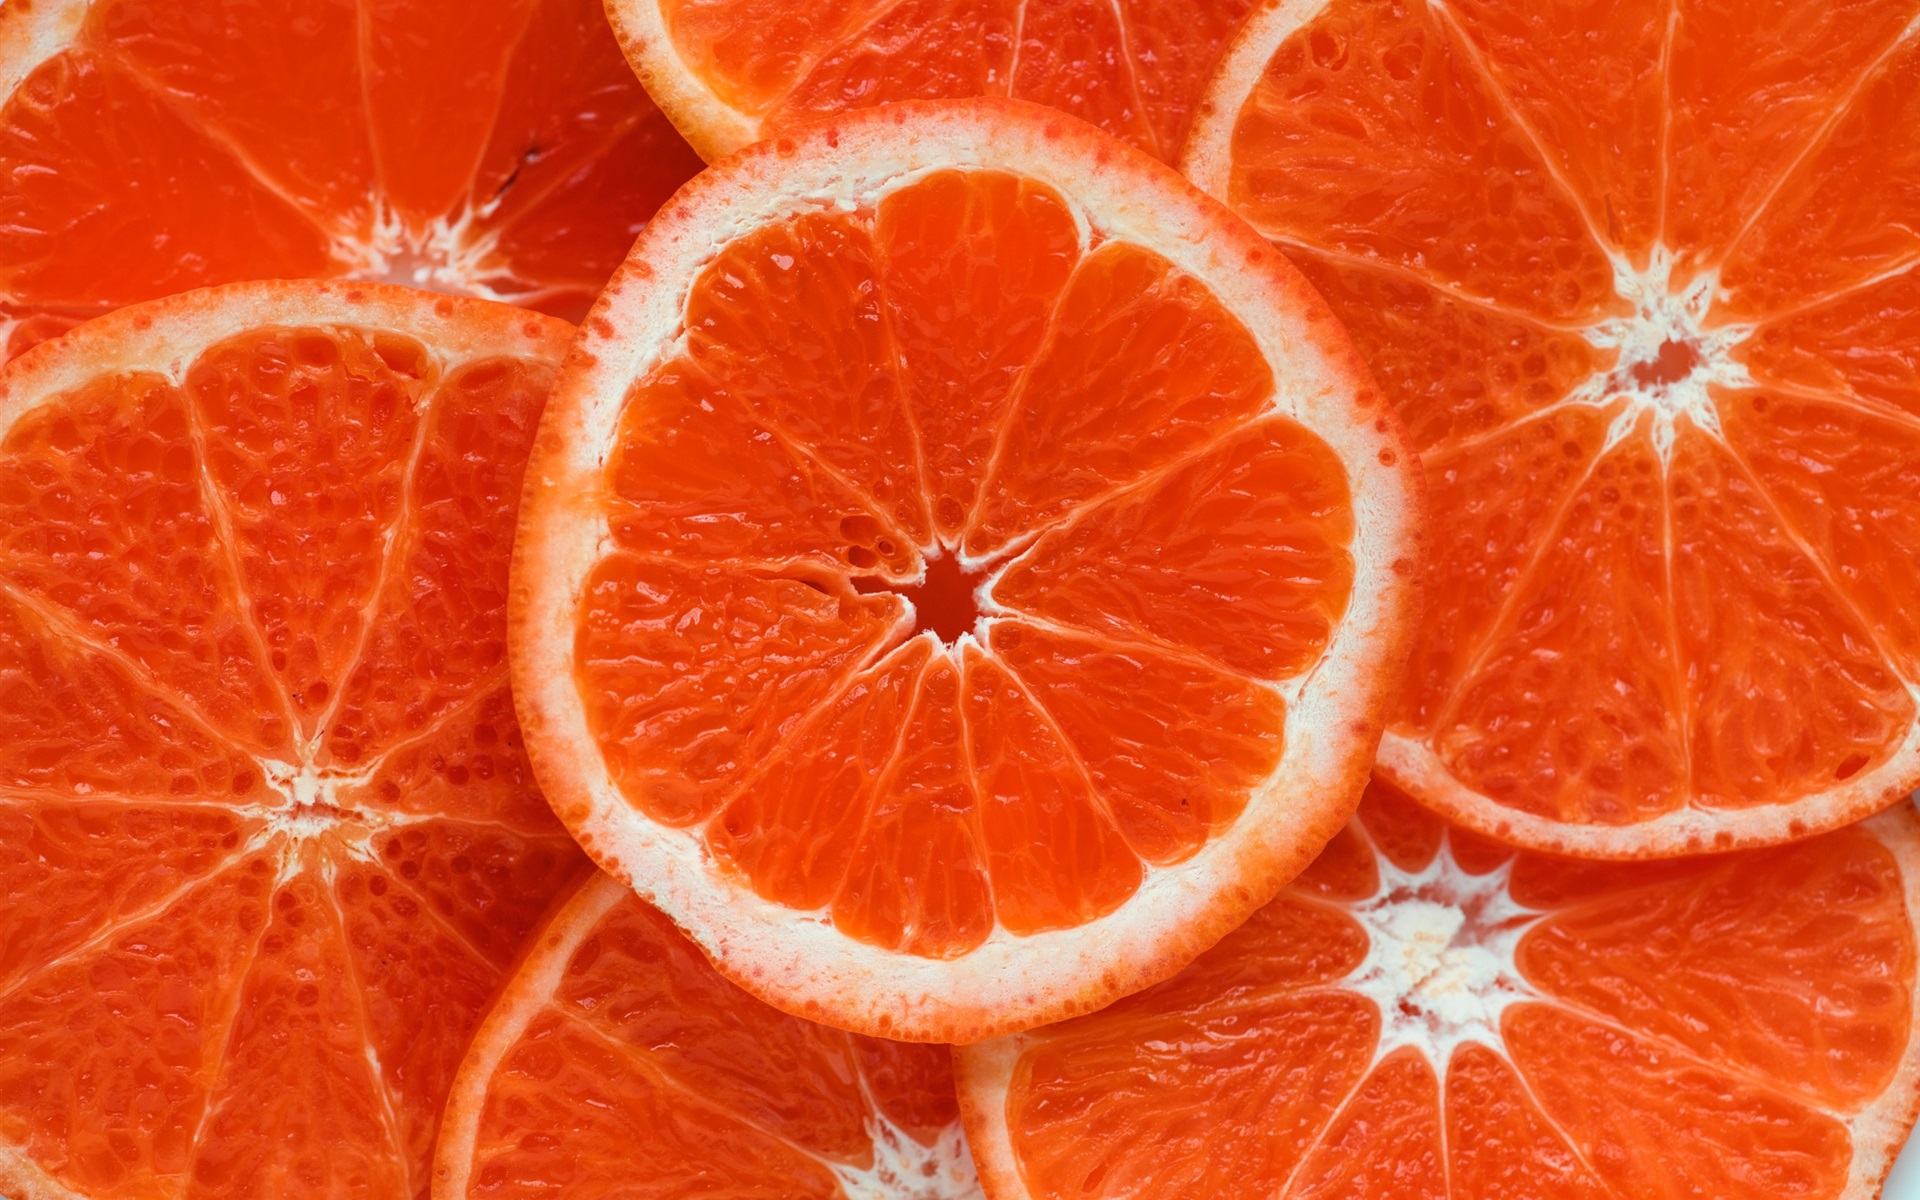 меч кендо оранжевые картинки на телефон обои смешных анекдотов про